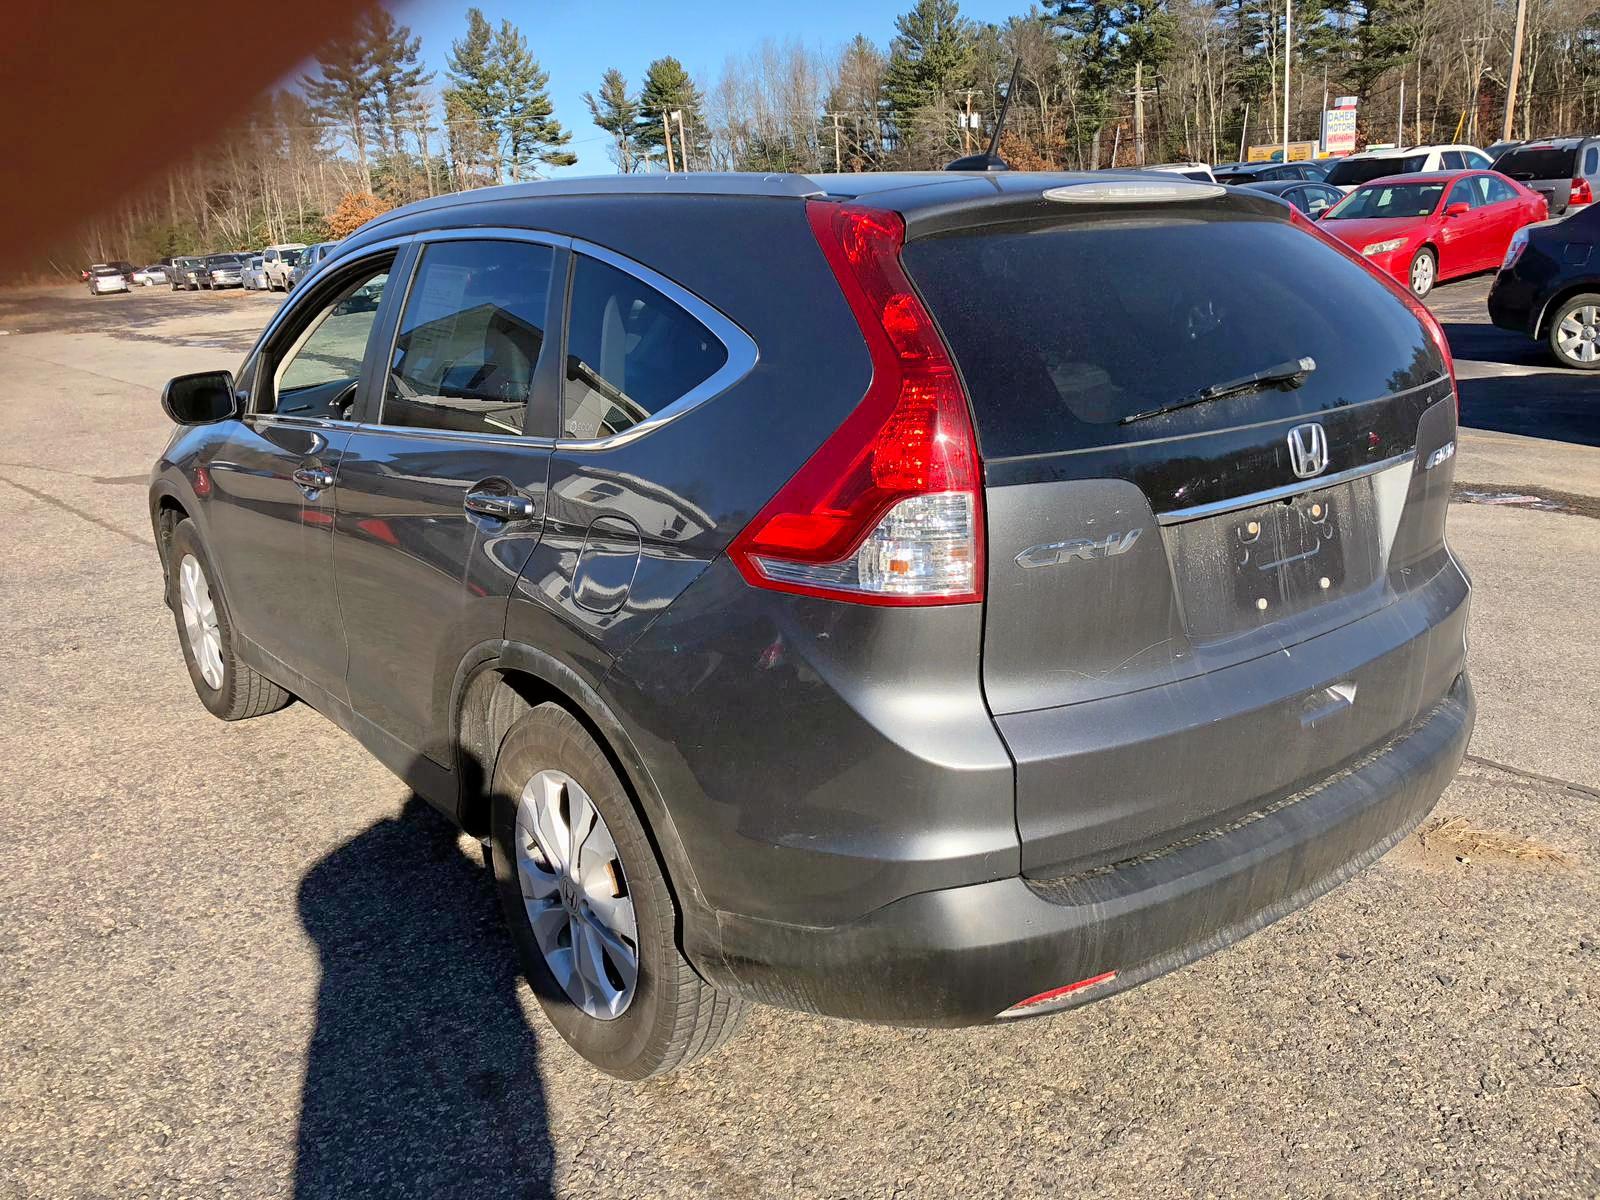 2HKRM4H73CH626699 - 2012 Honda Cr-V Exl 2.4L [Angle] View